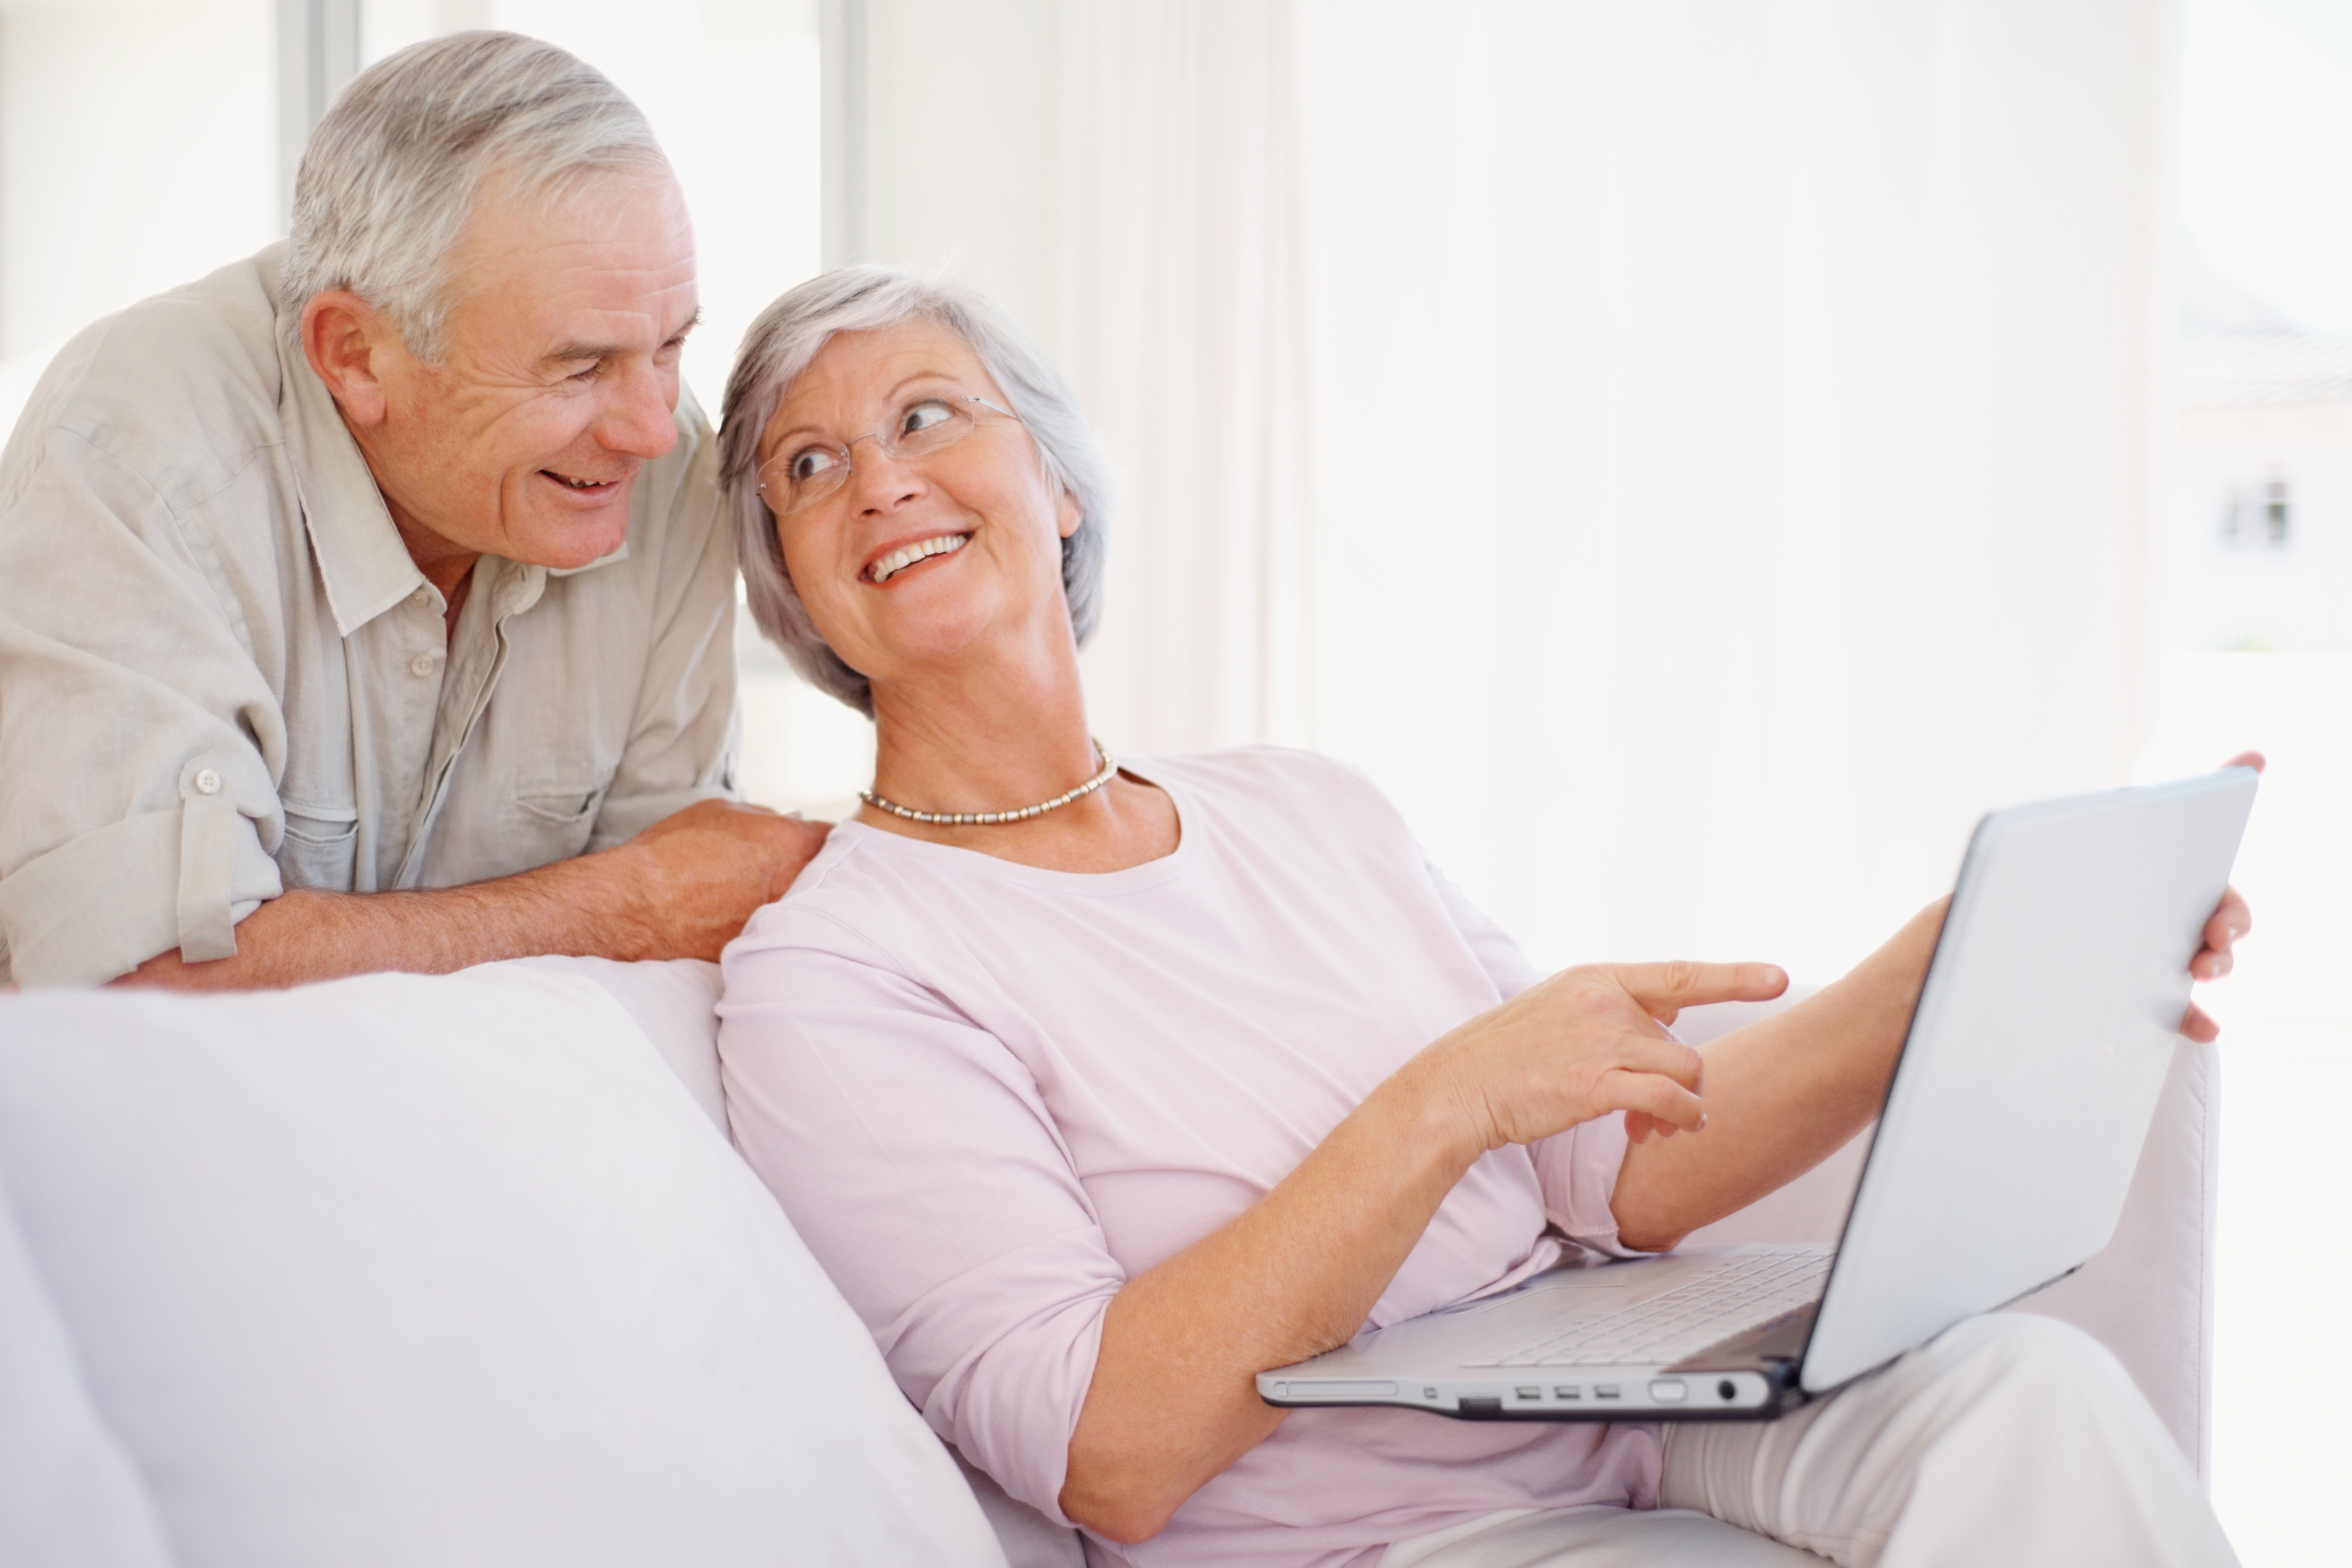 Vivir en pareja reduce la probabilidad de padecer demencia for Sillon alto para personas mayores